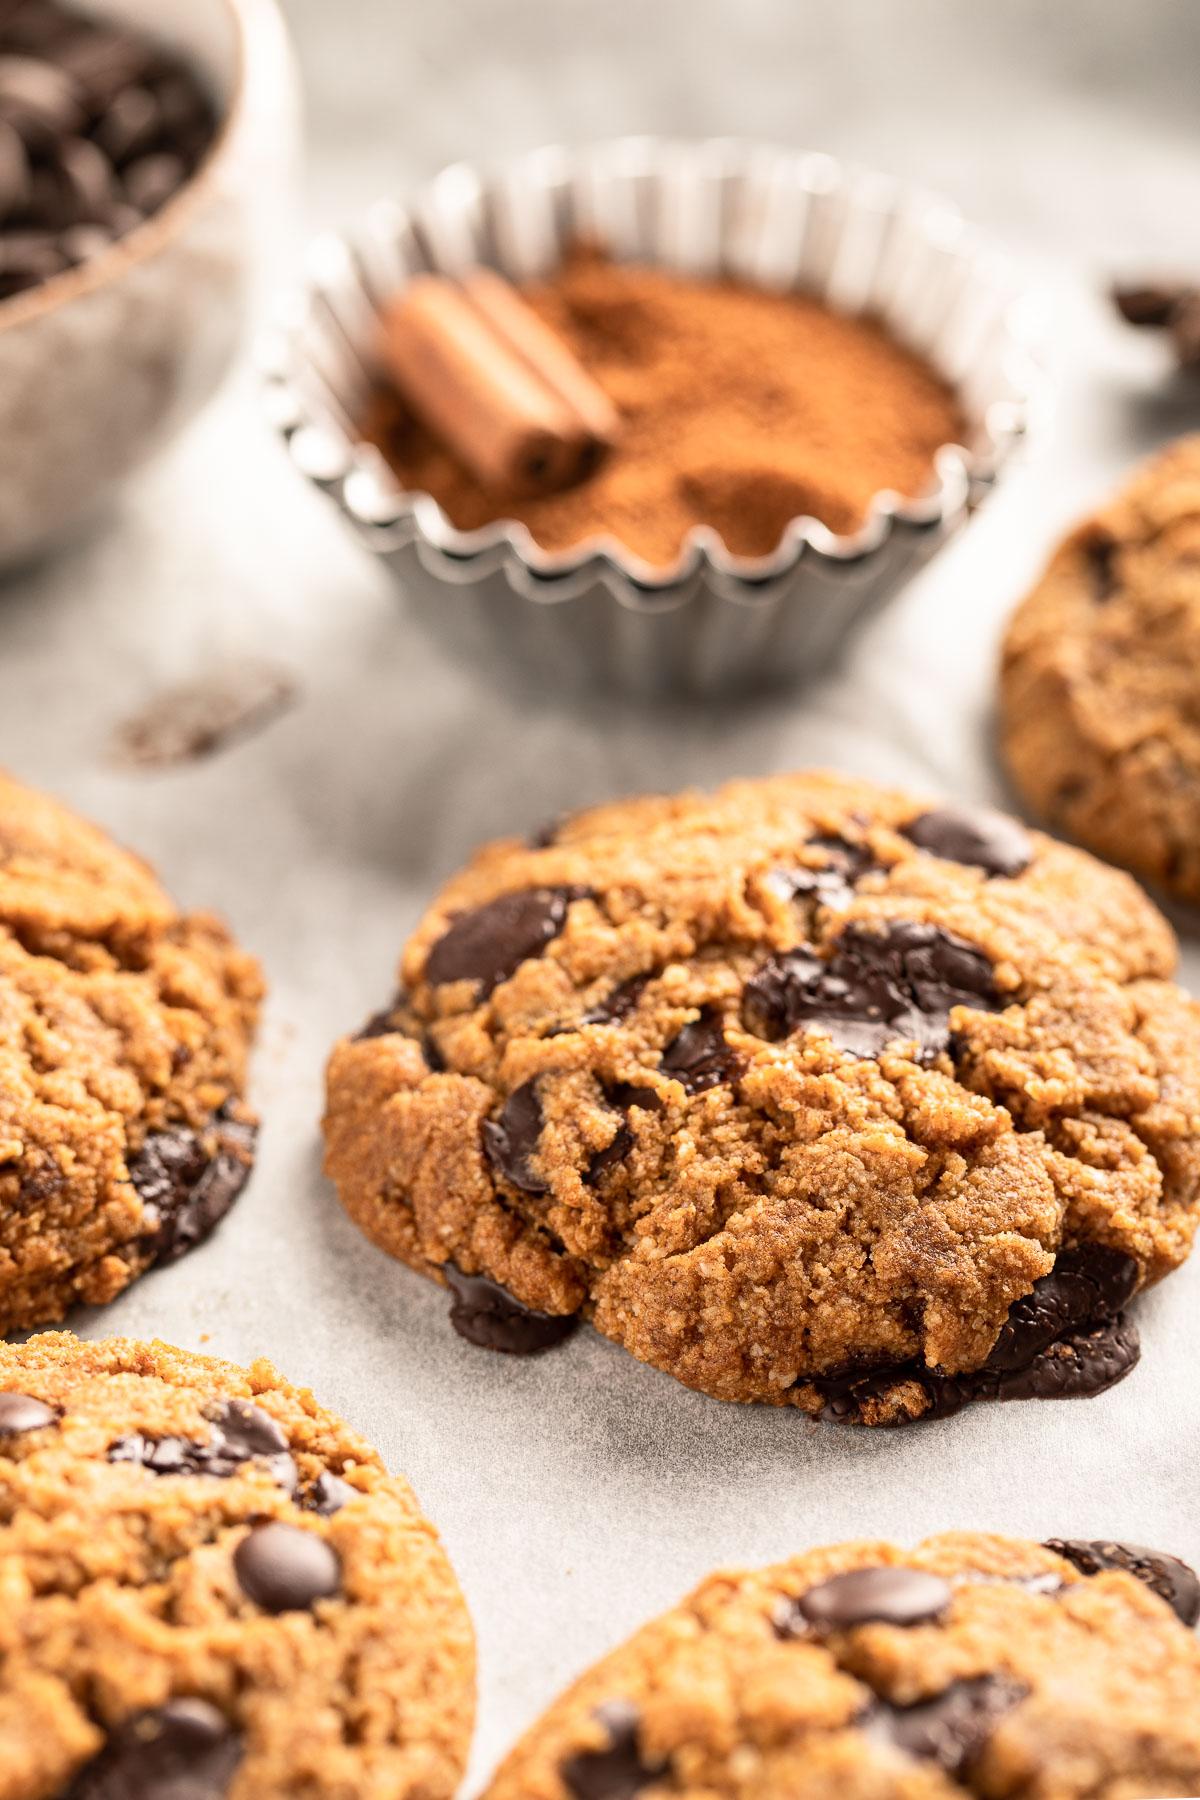 VEGAN gluten-free CHOCOLATE CHIP PUMPKIN COOKIES recipe with almonds oats coconut oil ricetta COOKIES VEGAN SENZA GLUTINE alla ZUCCA e cioccolato biscotti con avena e mandorle senza uova senza burro